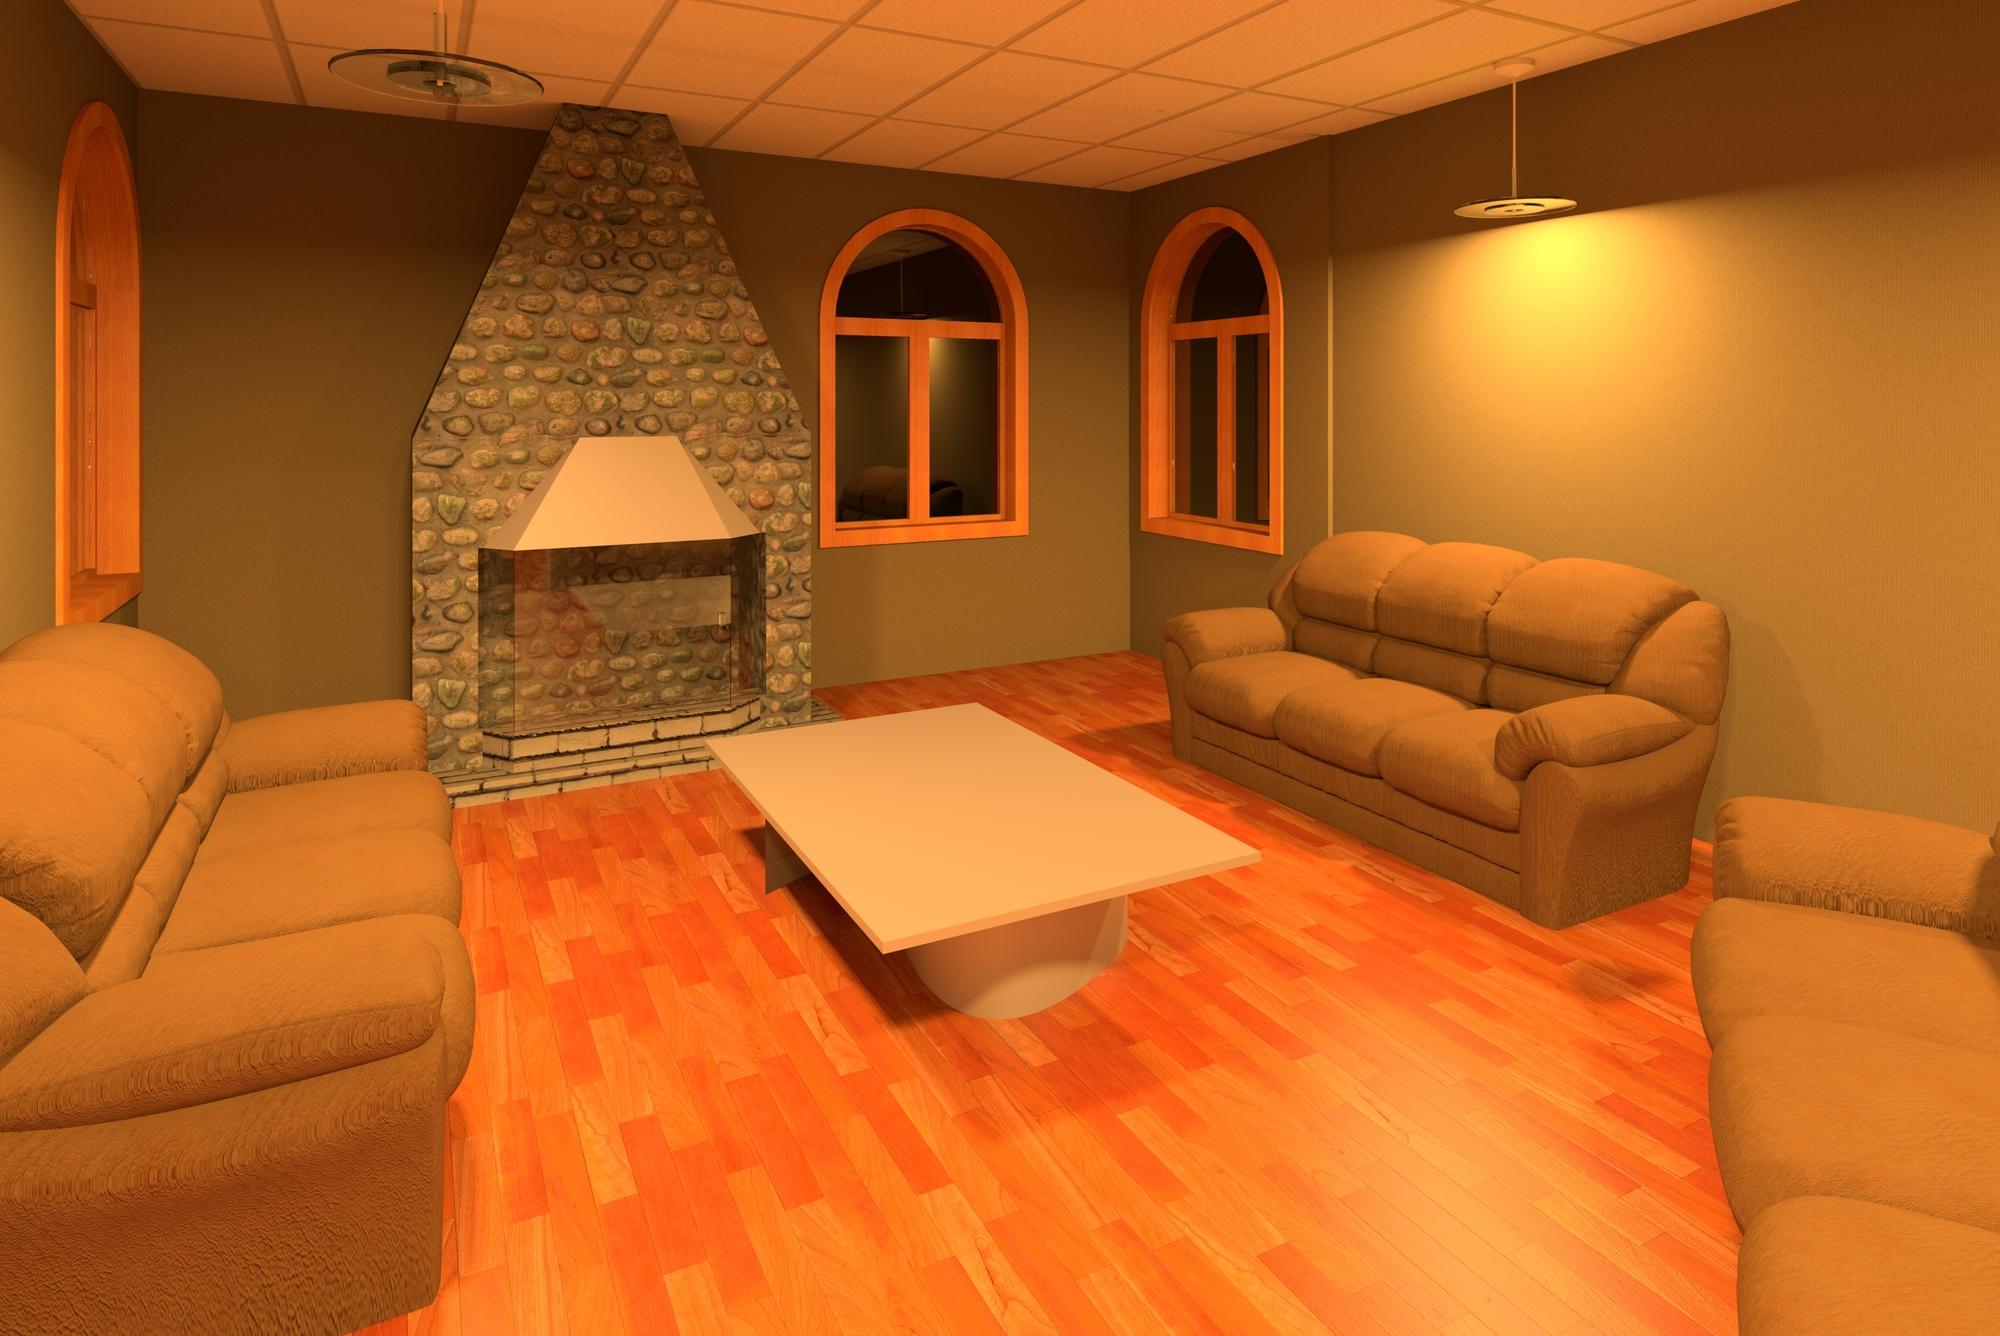 Raas-rendering20140930-5011-2hrwgh